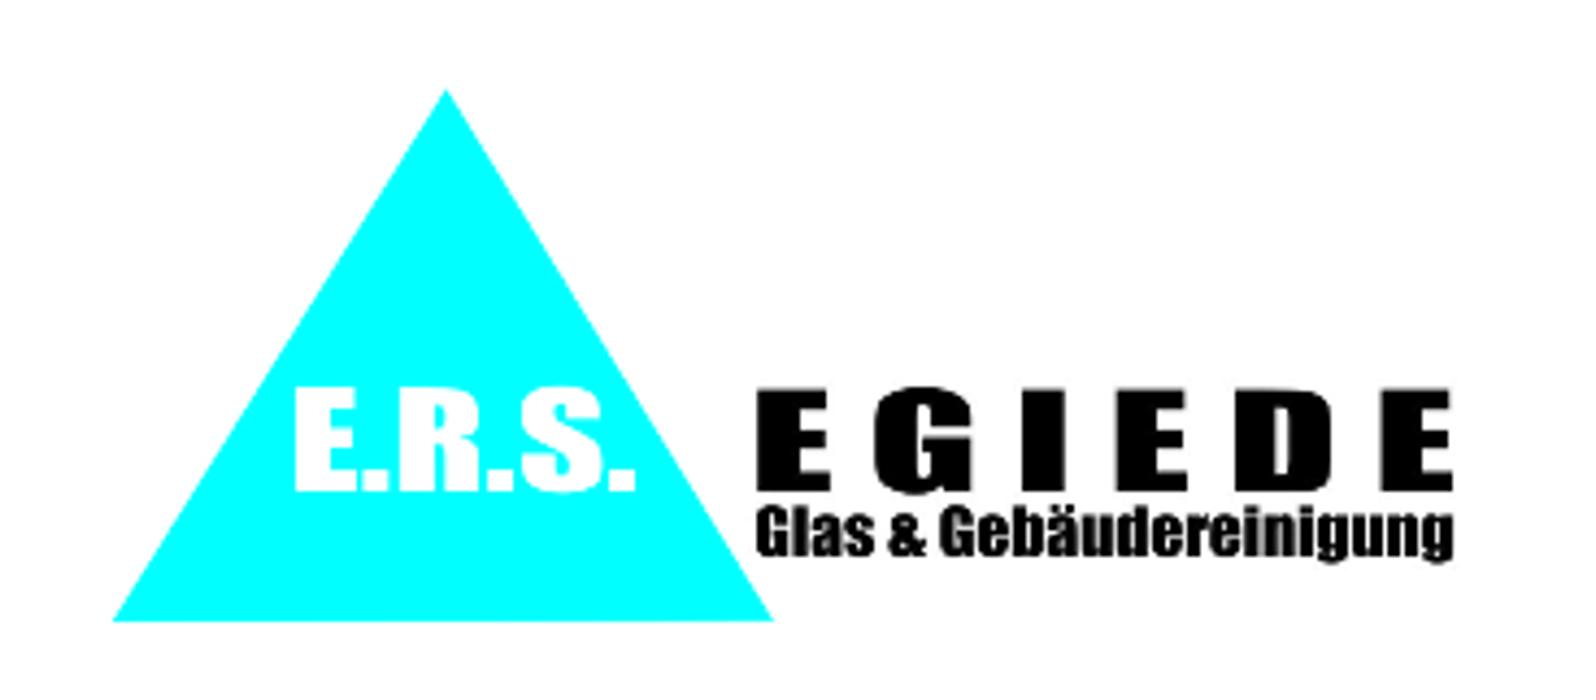 Bild zu E.R.S Egiede Glas & Gebäudereinigung in Koblenz am Rhein